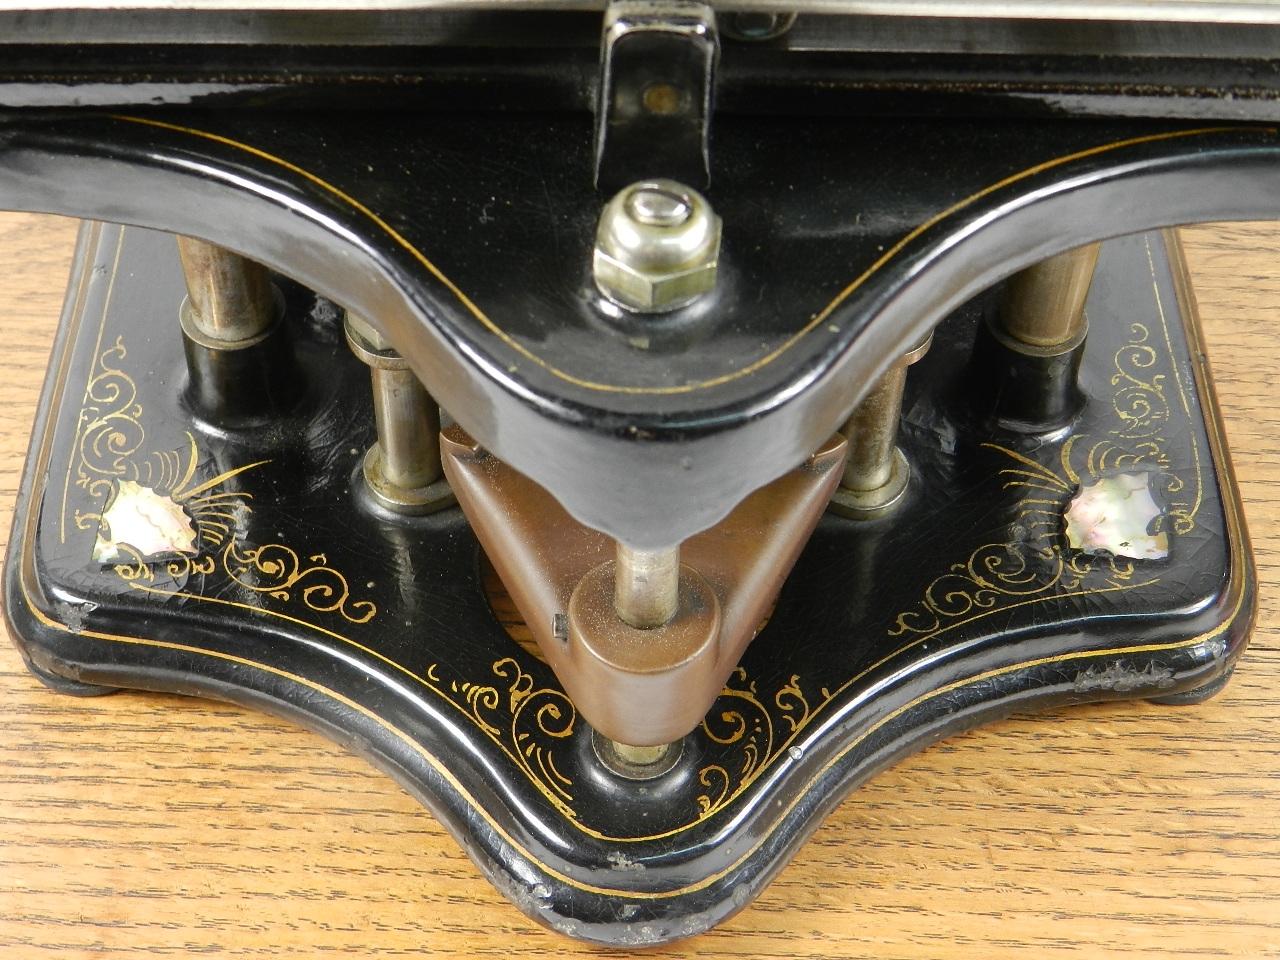 Imagen CRANDALL NEW MODEL AÑO 1885 31926